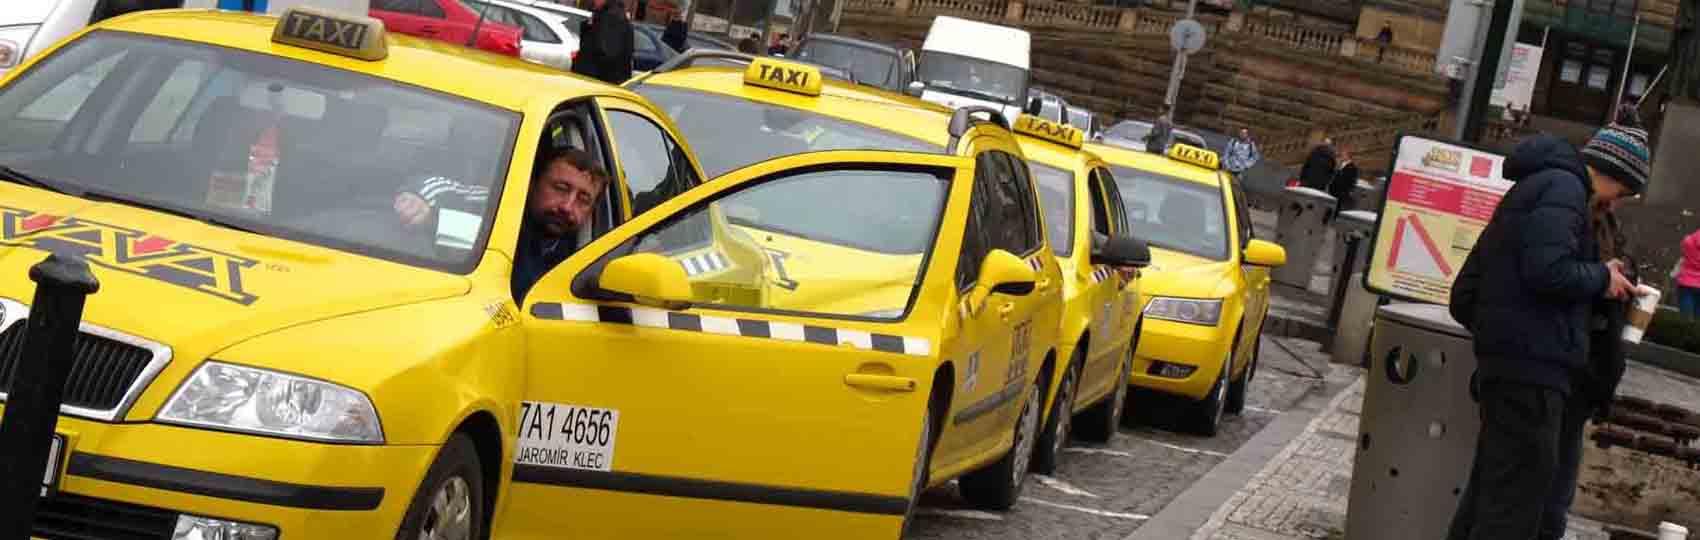 Noticias del sector del taxi y la movilidad en Chequia. Mantente informado de todas las noticias del taxi de Chequia en el grupo de Facebook de Todo Taxi.